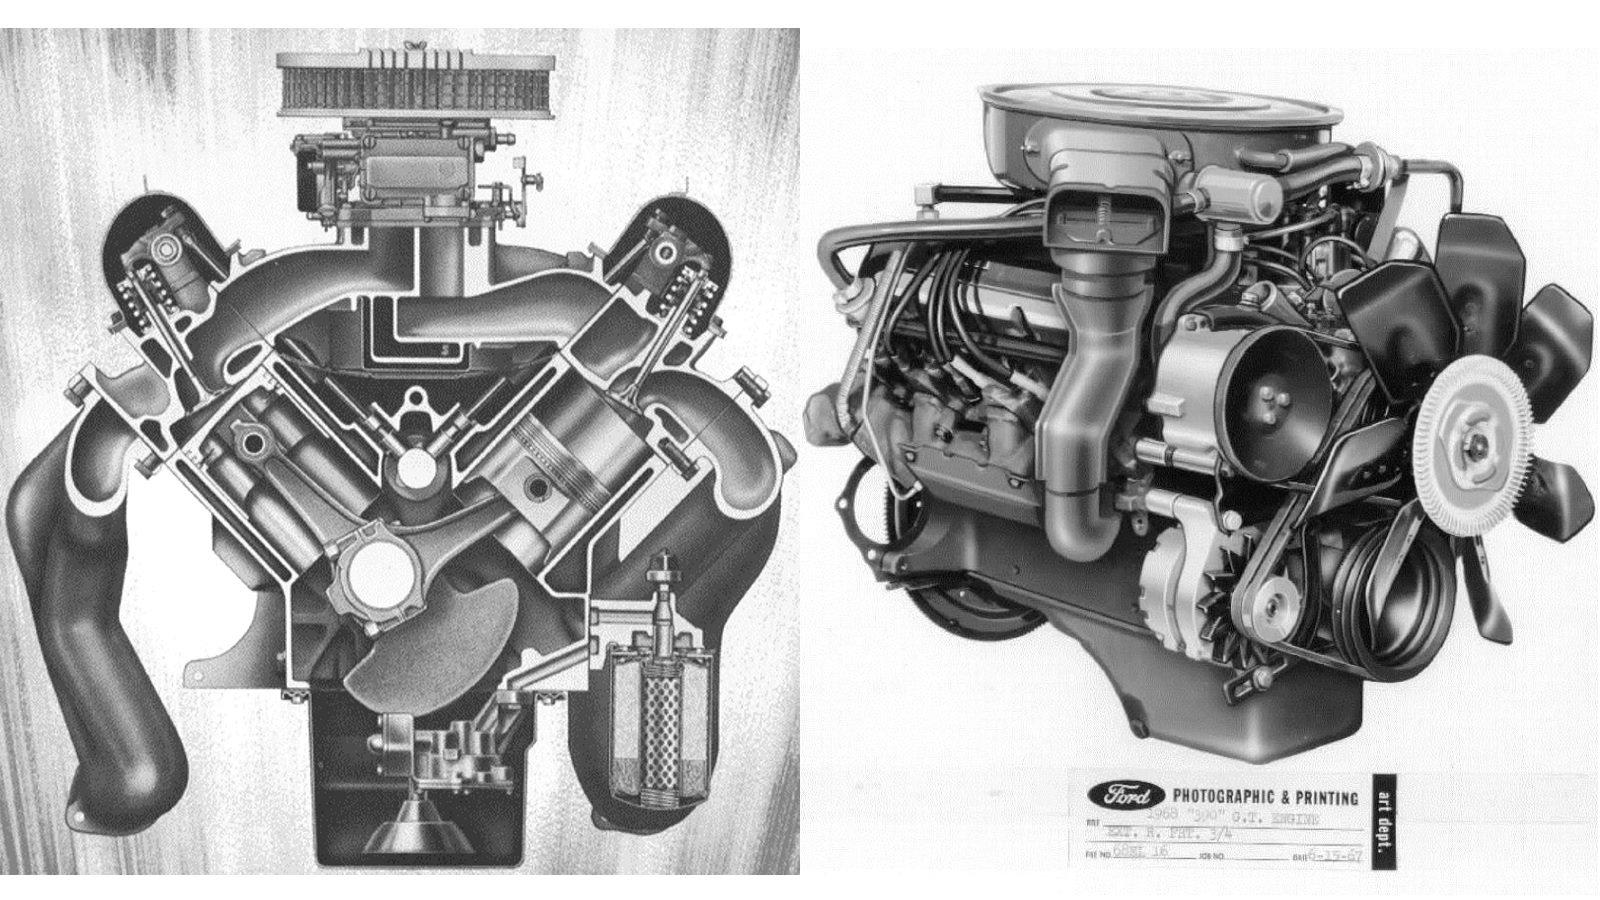 3. Ford 390 FE V-8